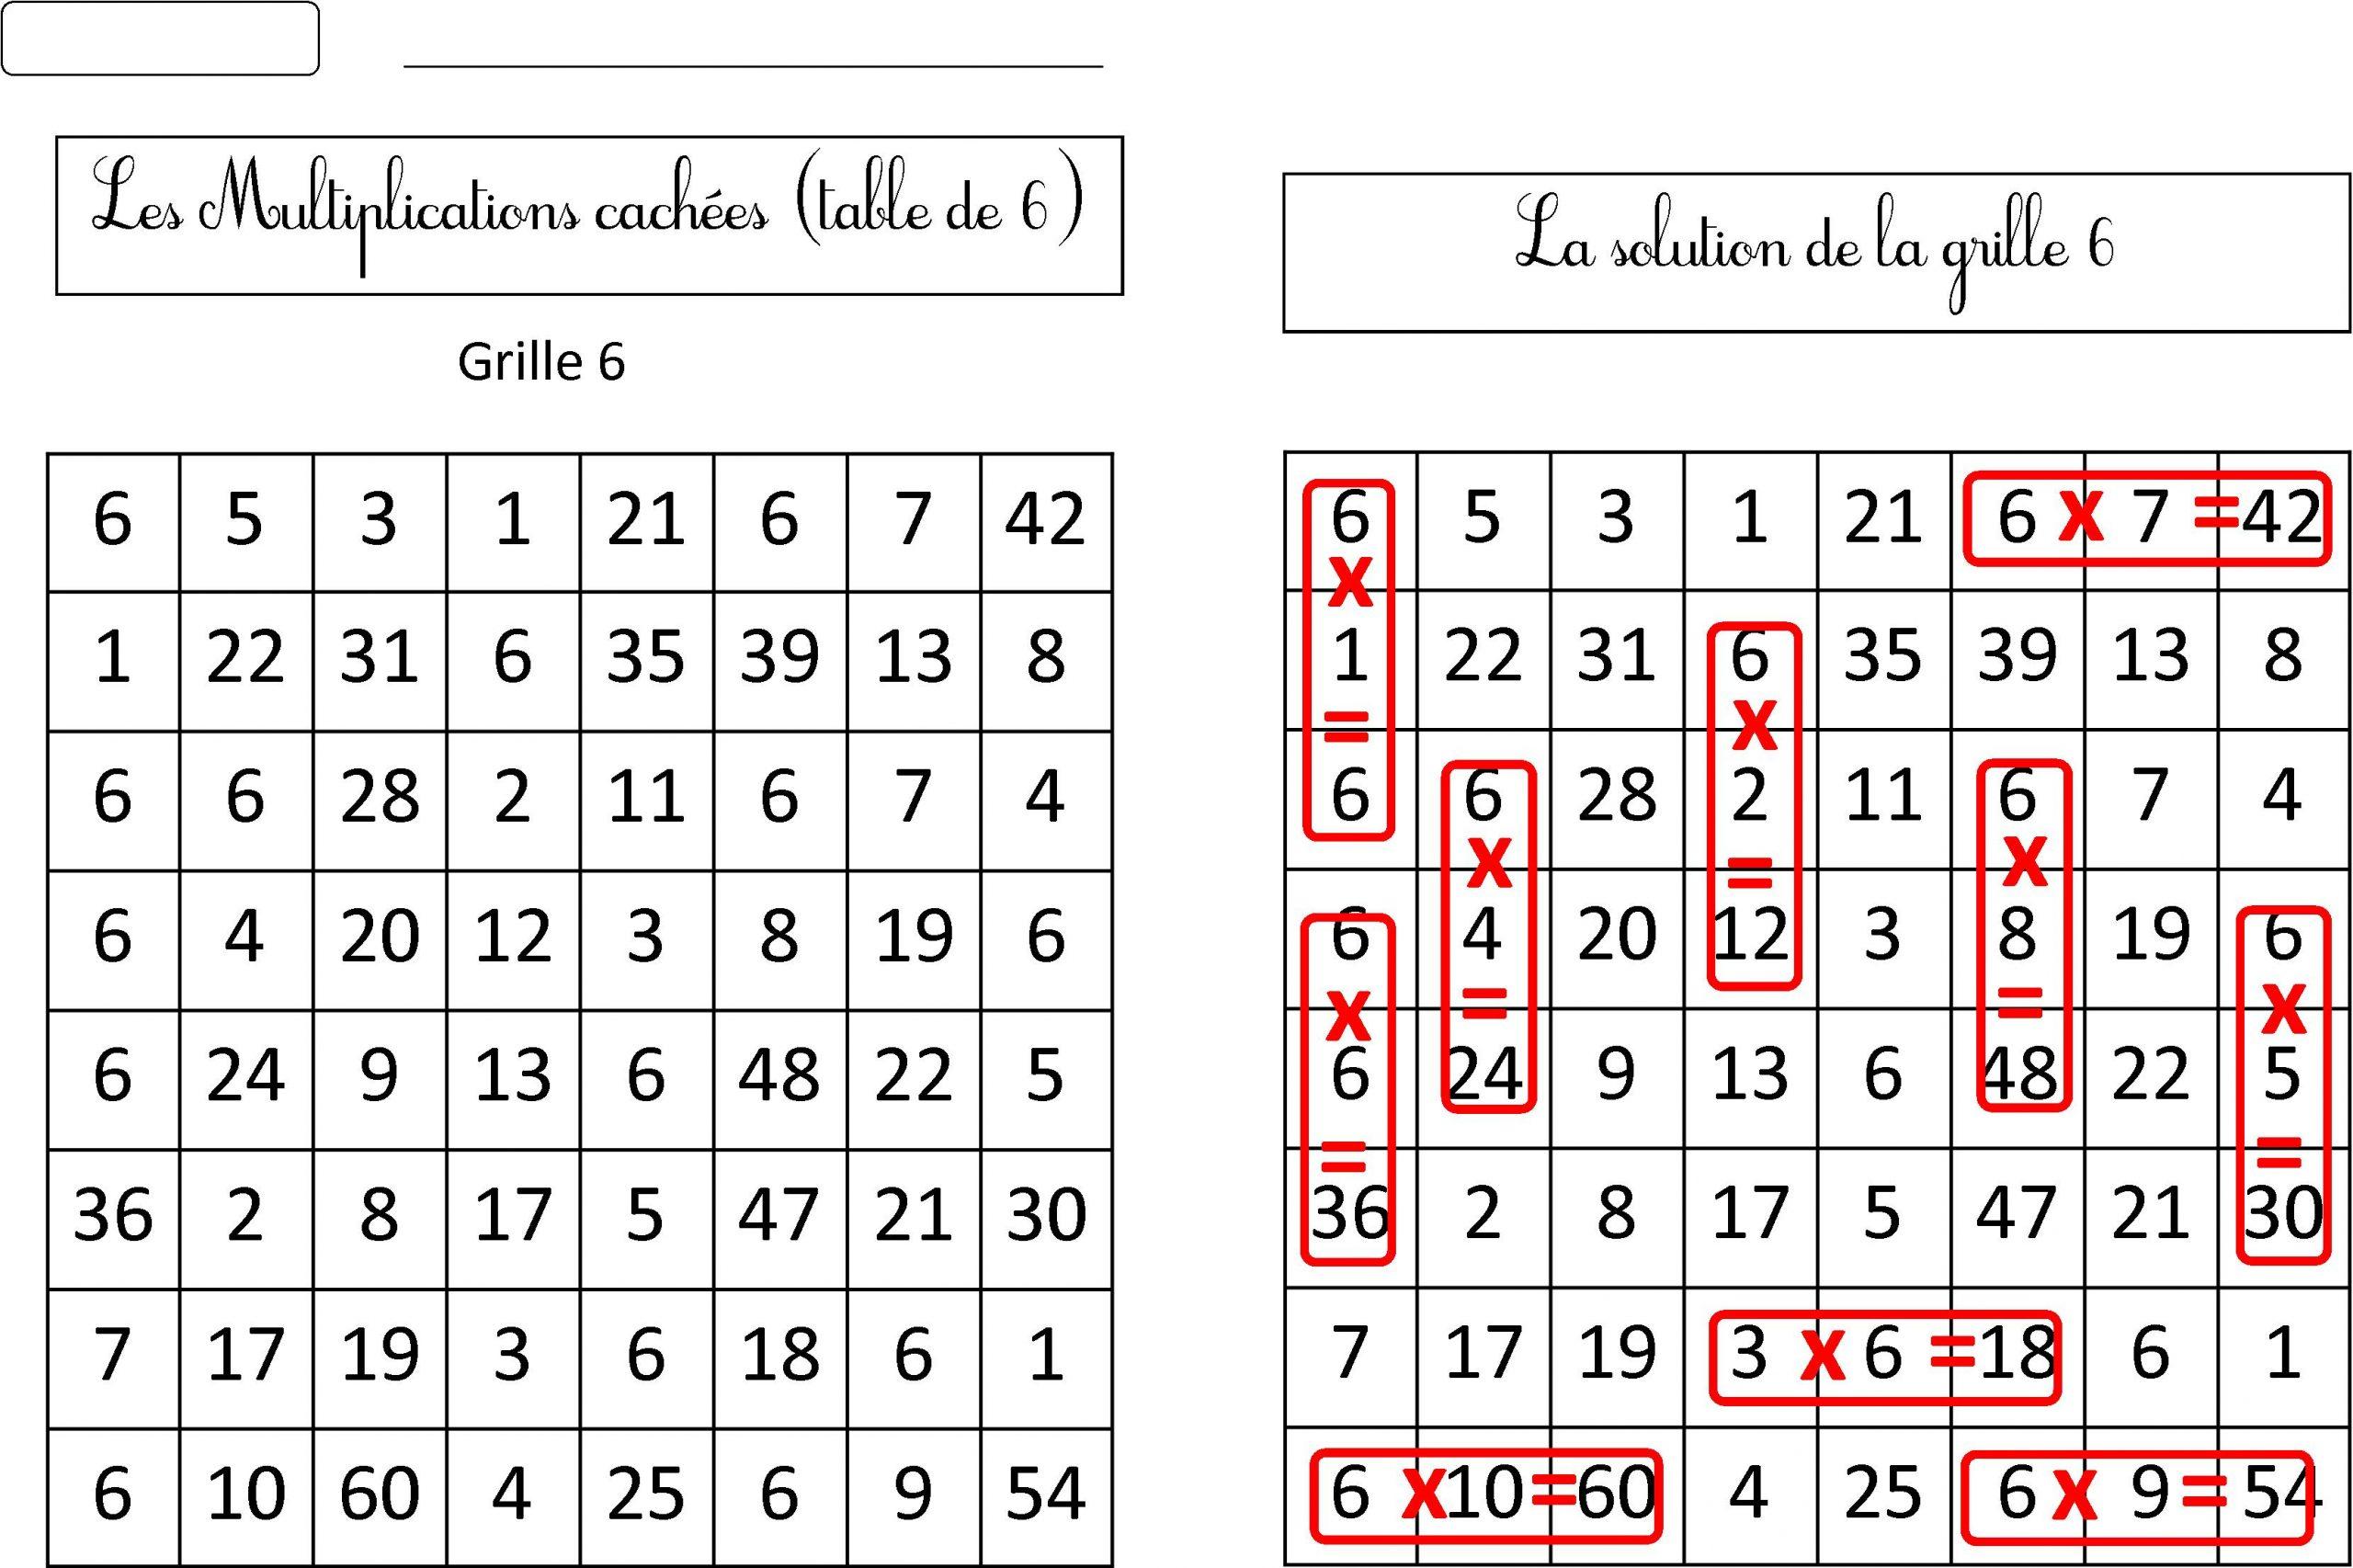 Travail Autonome | Le Blog De Monsieur Mathieu dedans Mots Croisés Cm2 À Imprimer